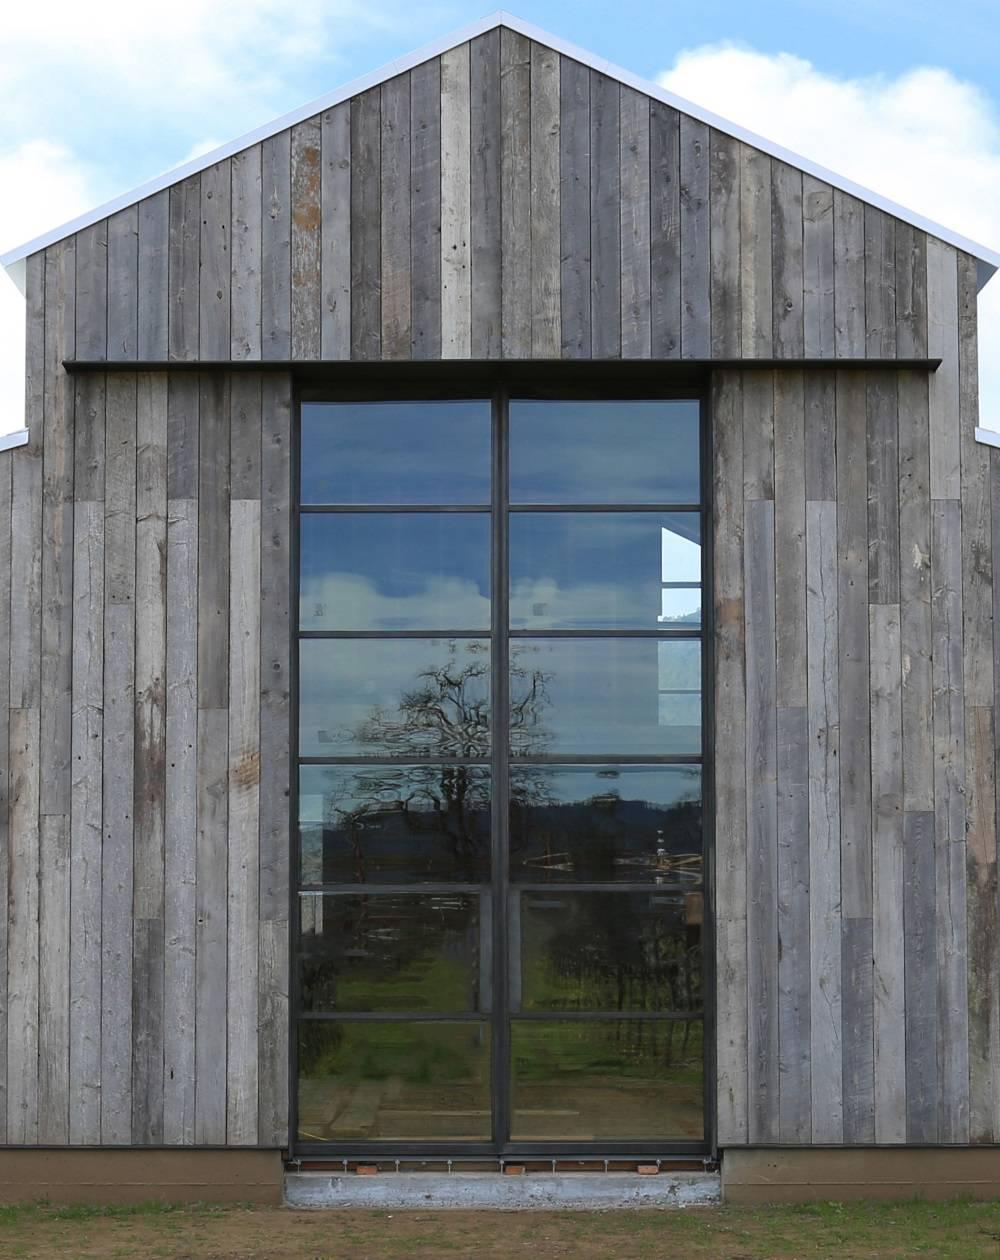 L'architettura reinterpreta il fienile, Field Architecture